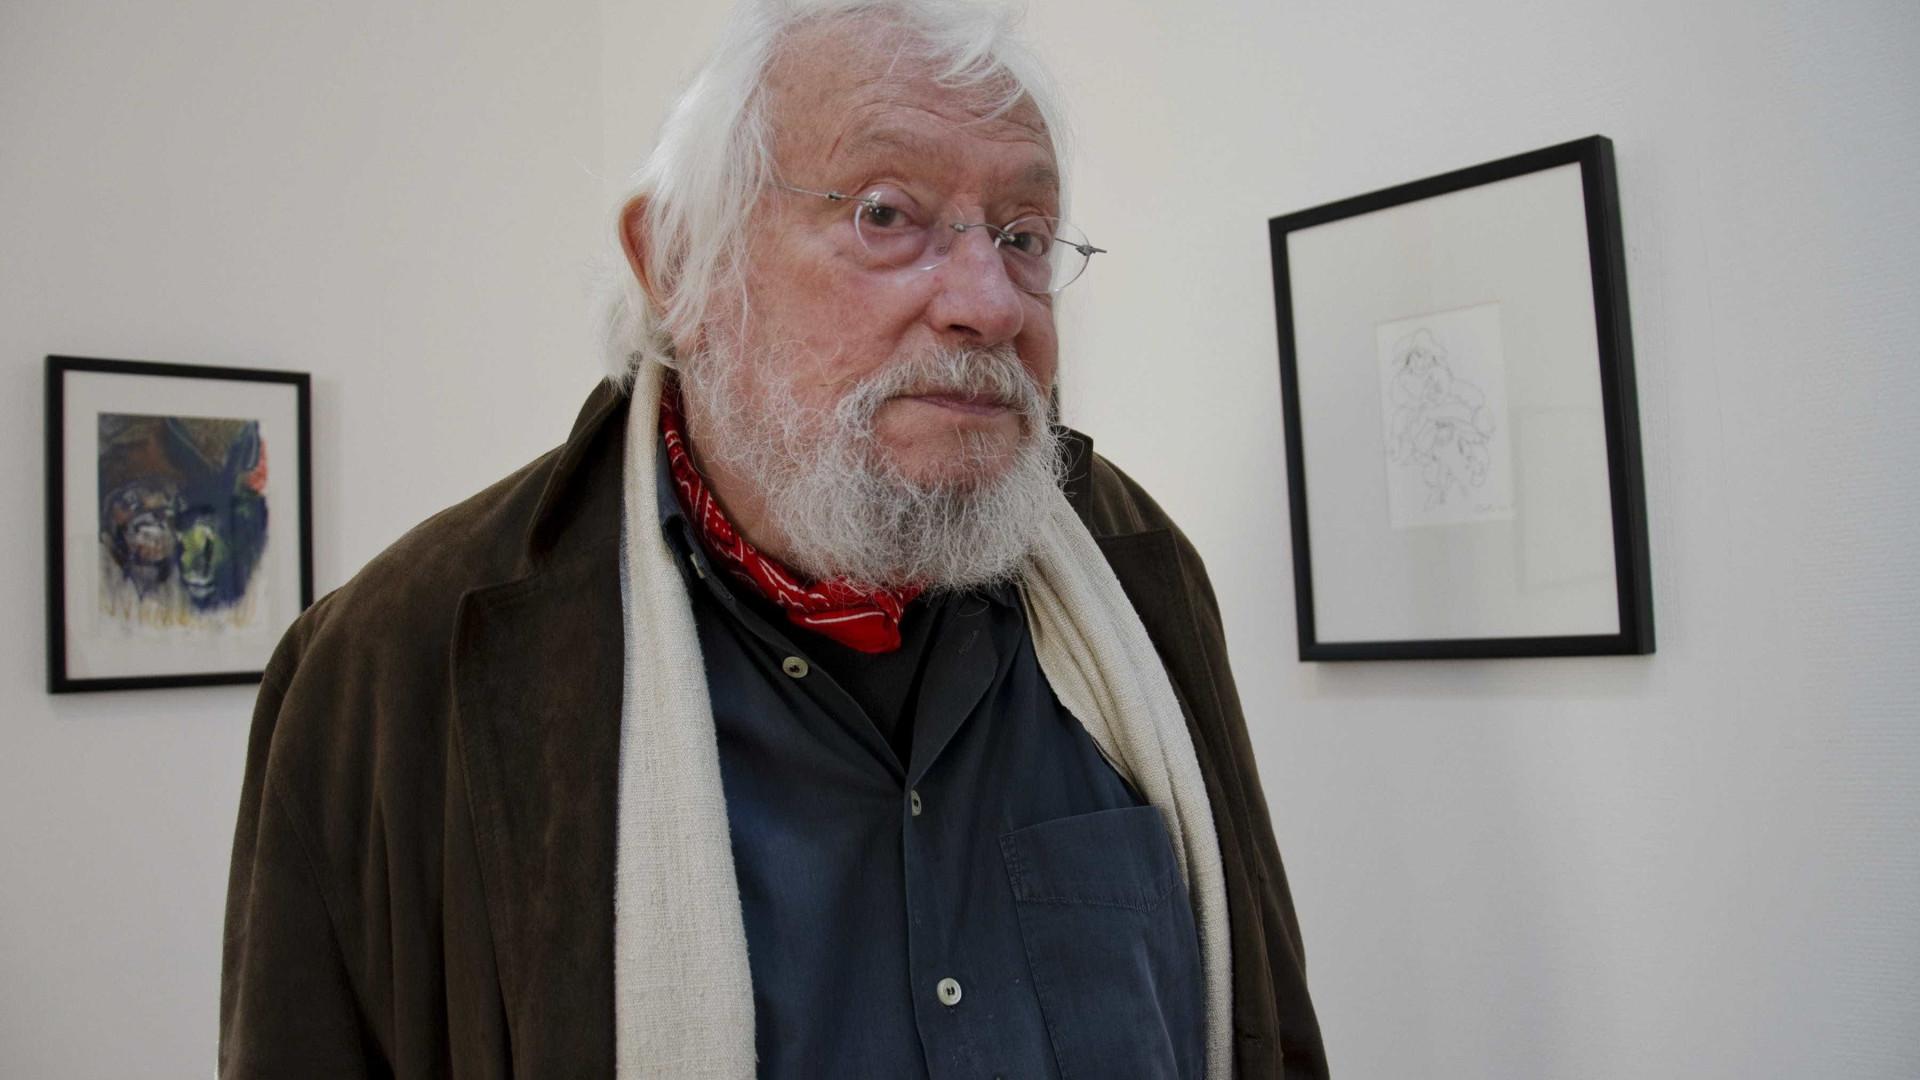 Morreu o artista plástico Júlio Pomar